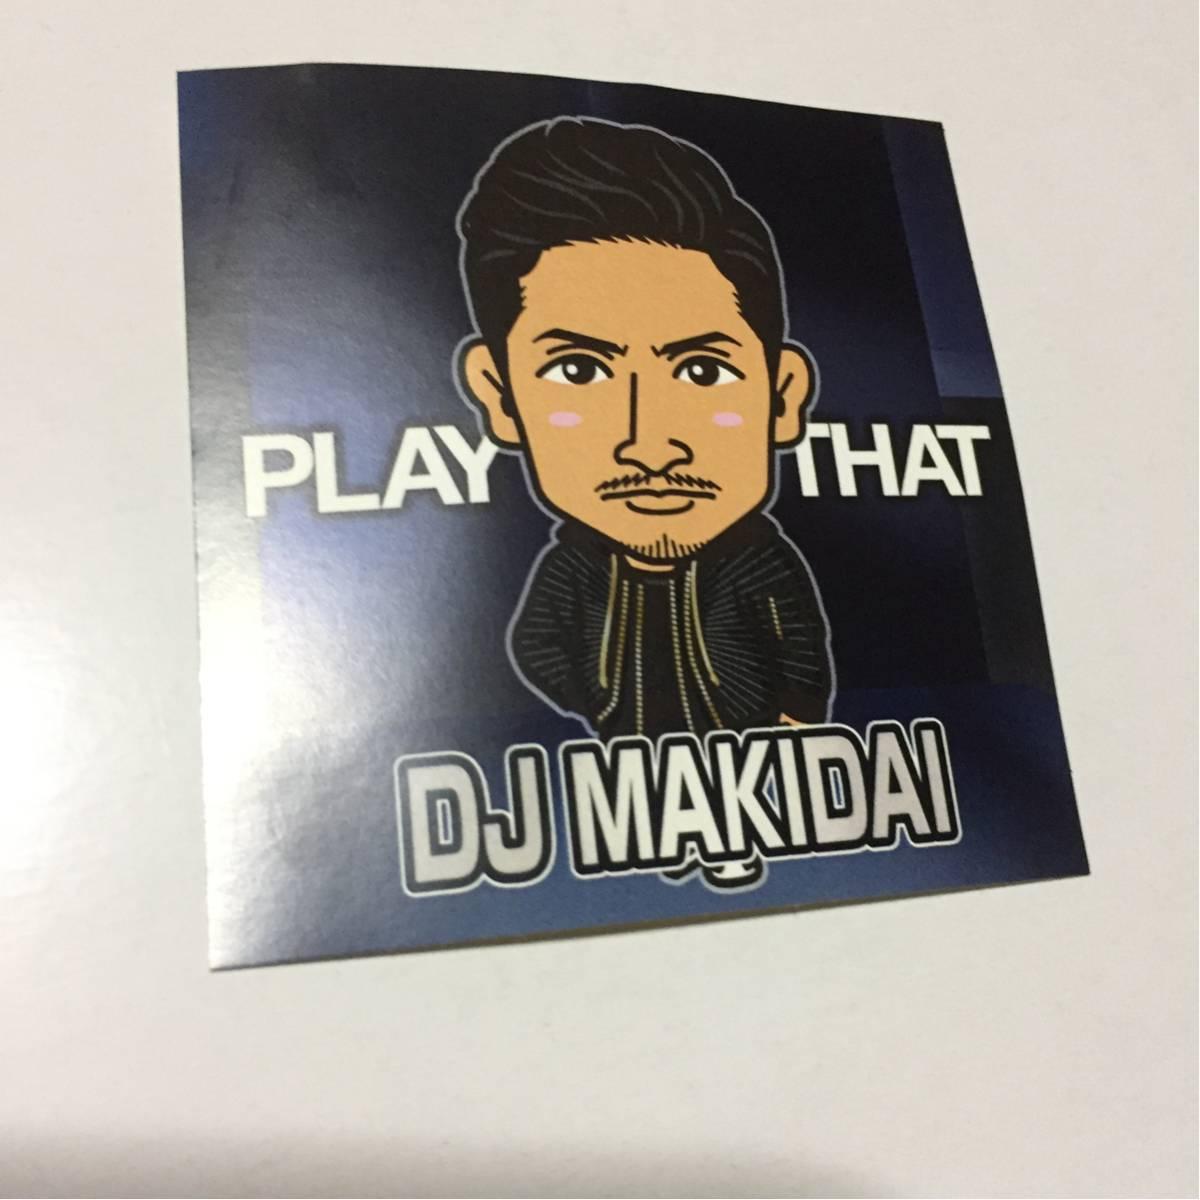 居酒屋えぐざいる PLAY THAT DJ MAKIDAI ステッカー EXILE